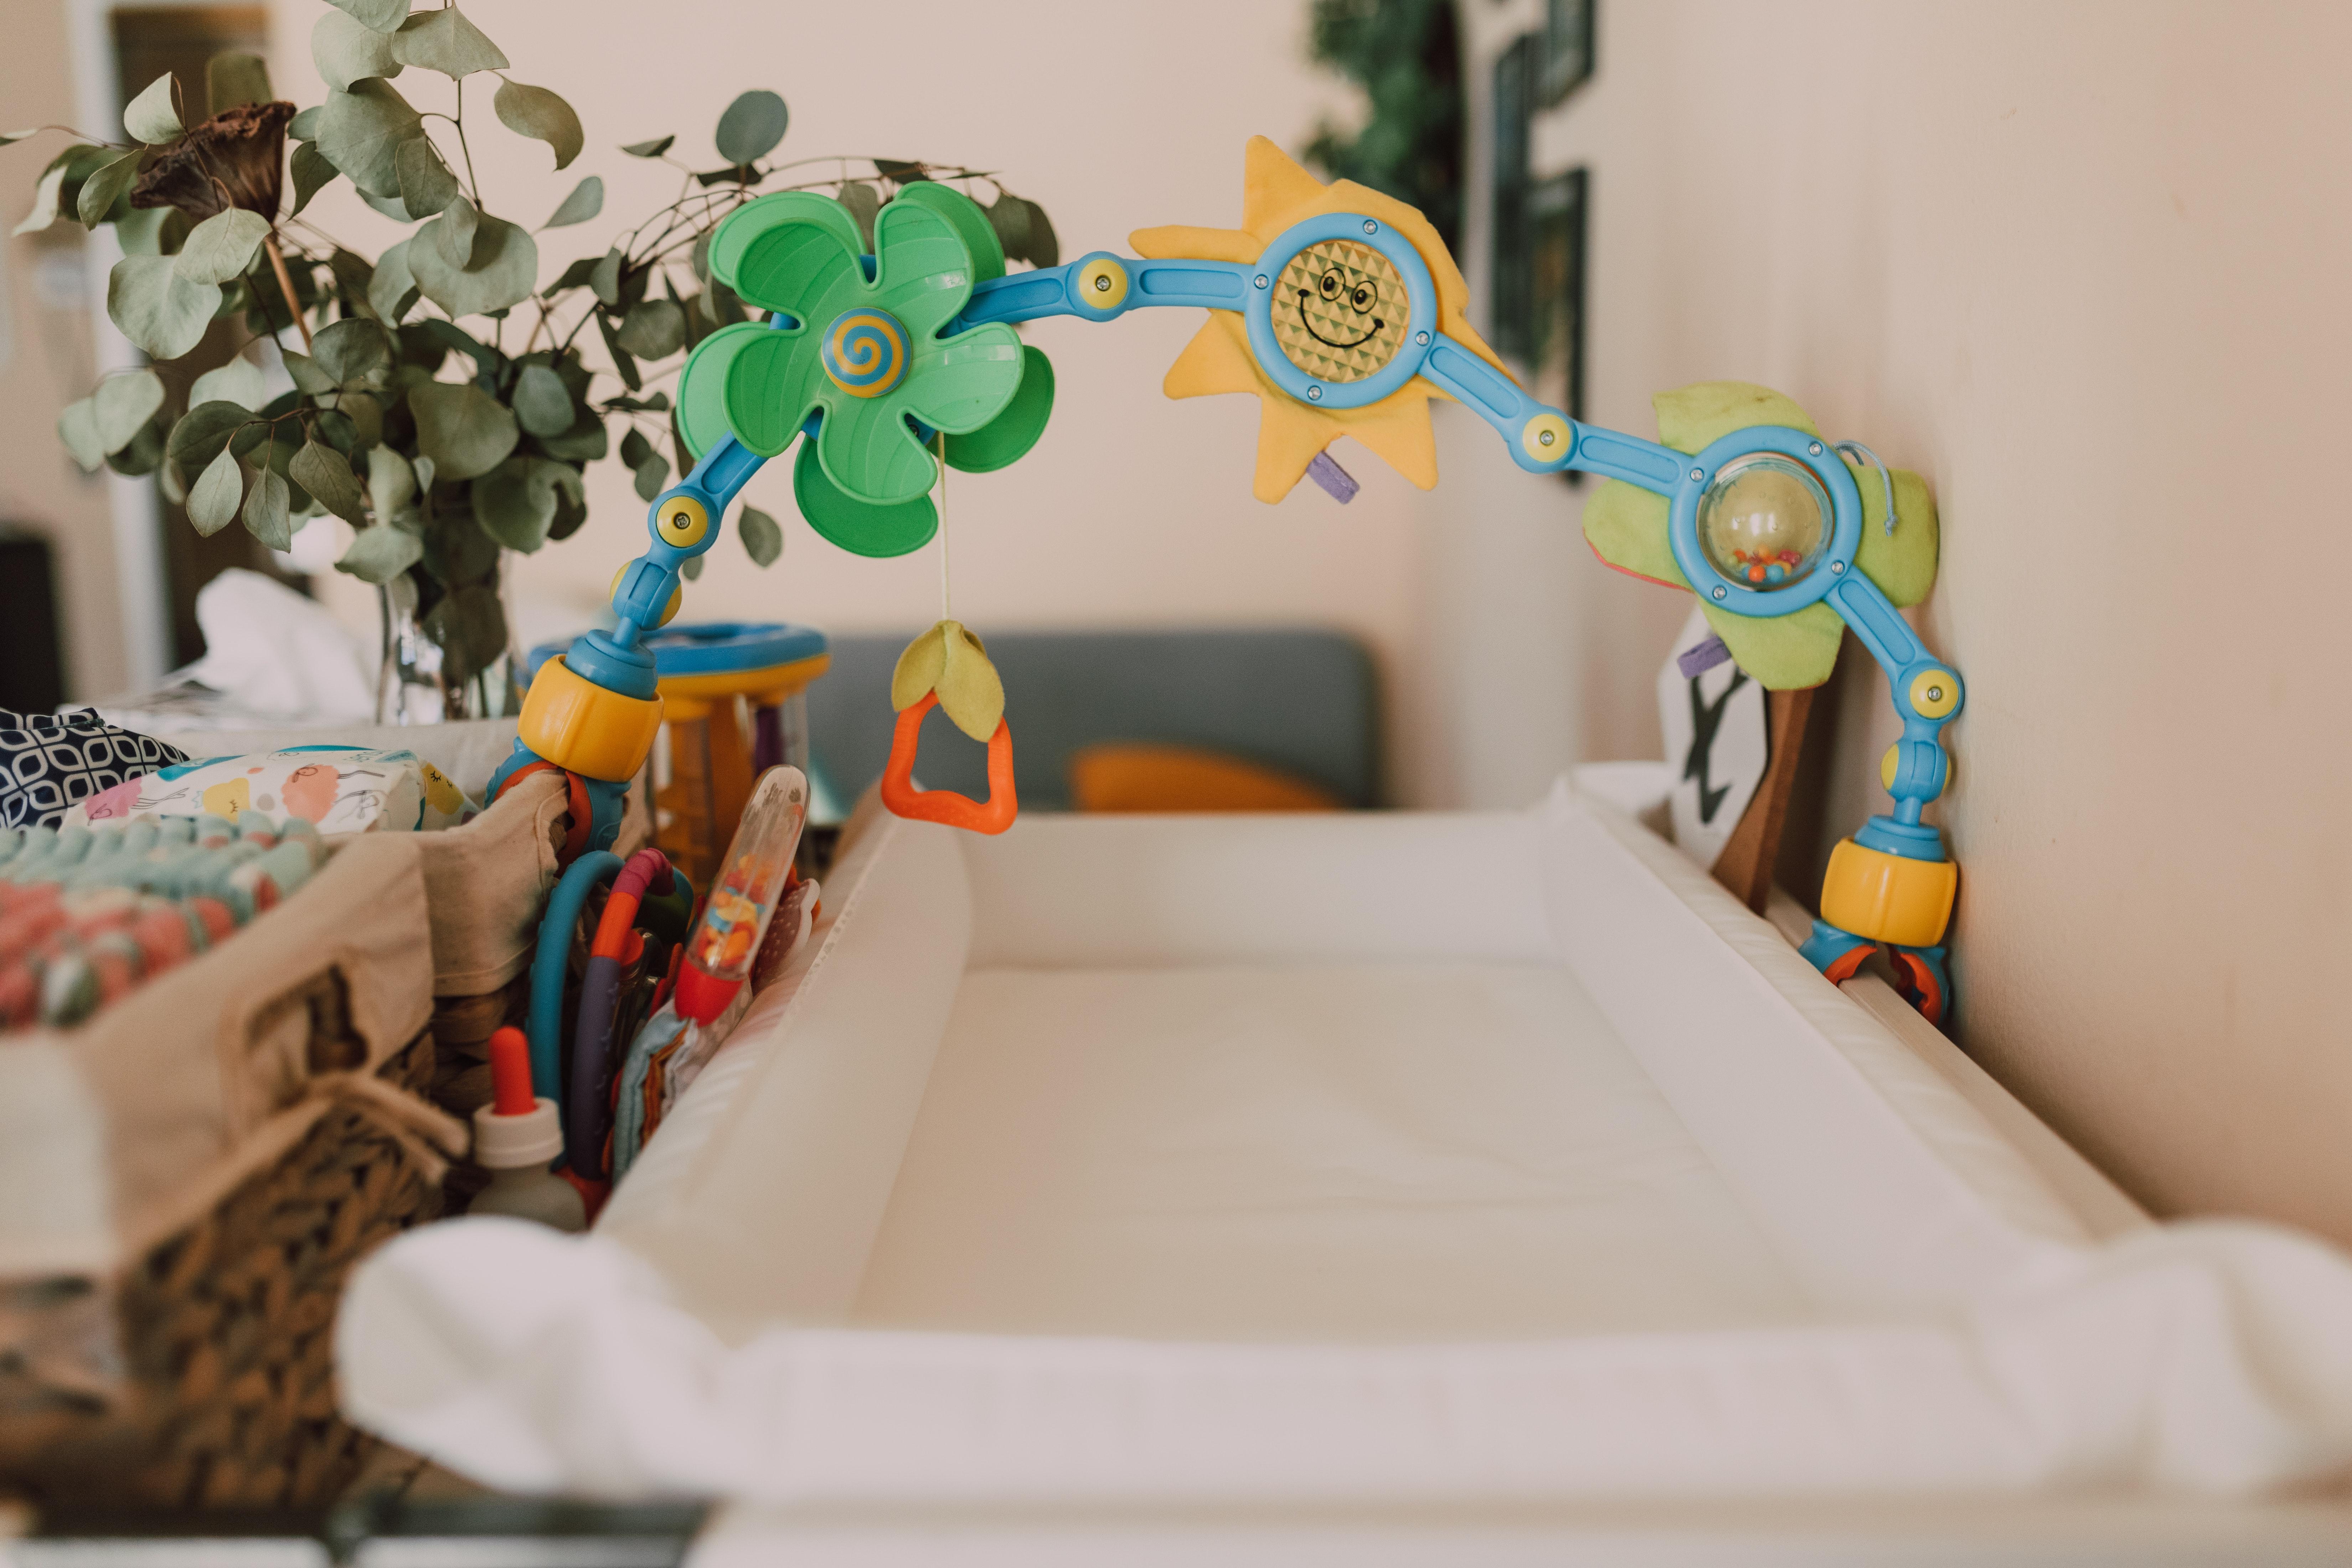 A'dan Z'ye Tüm Bebek Ürünleri Trendyol Vip Bebek Mağazasında Sizleri Bekliyor!